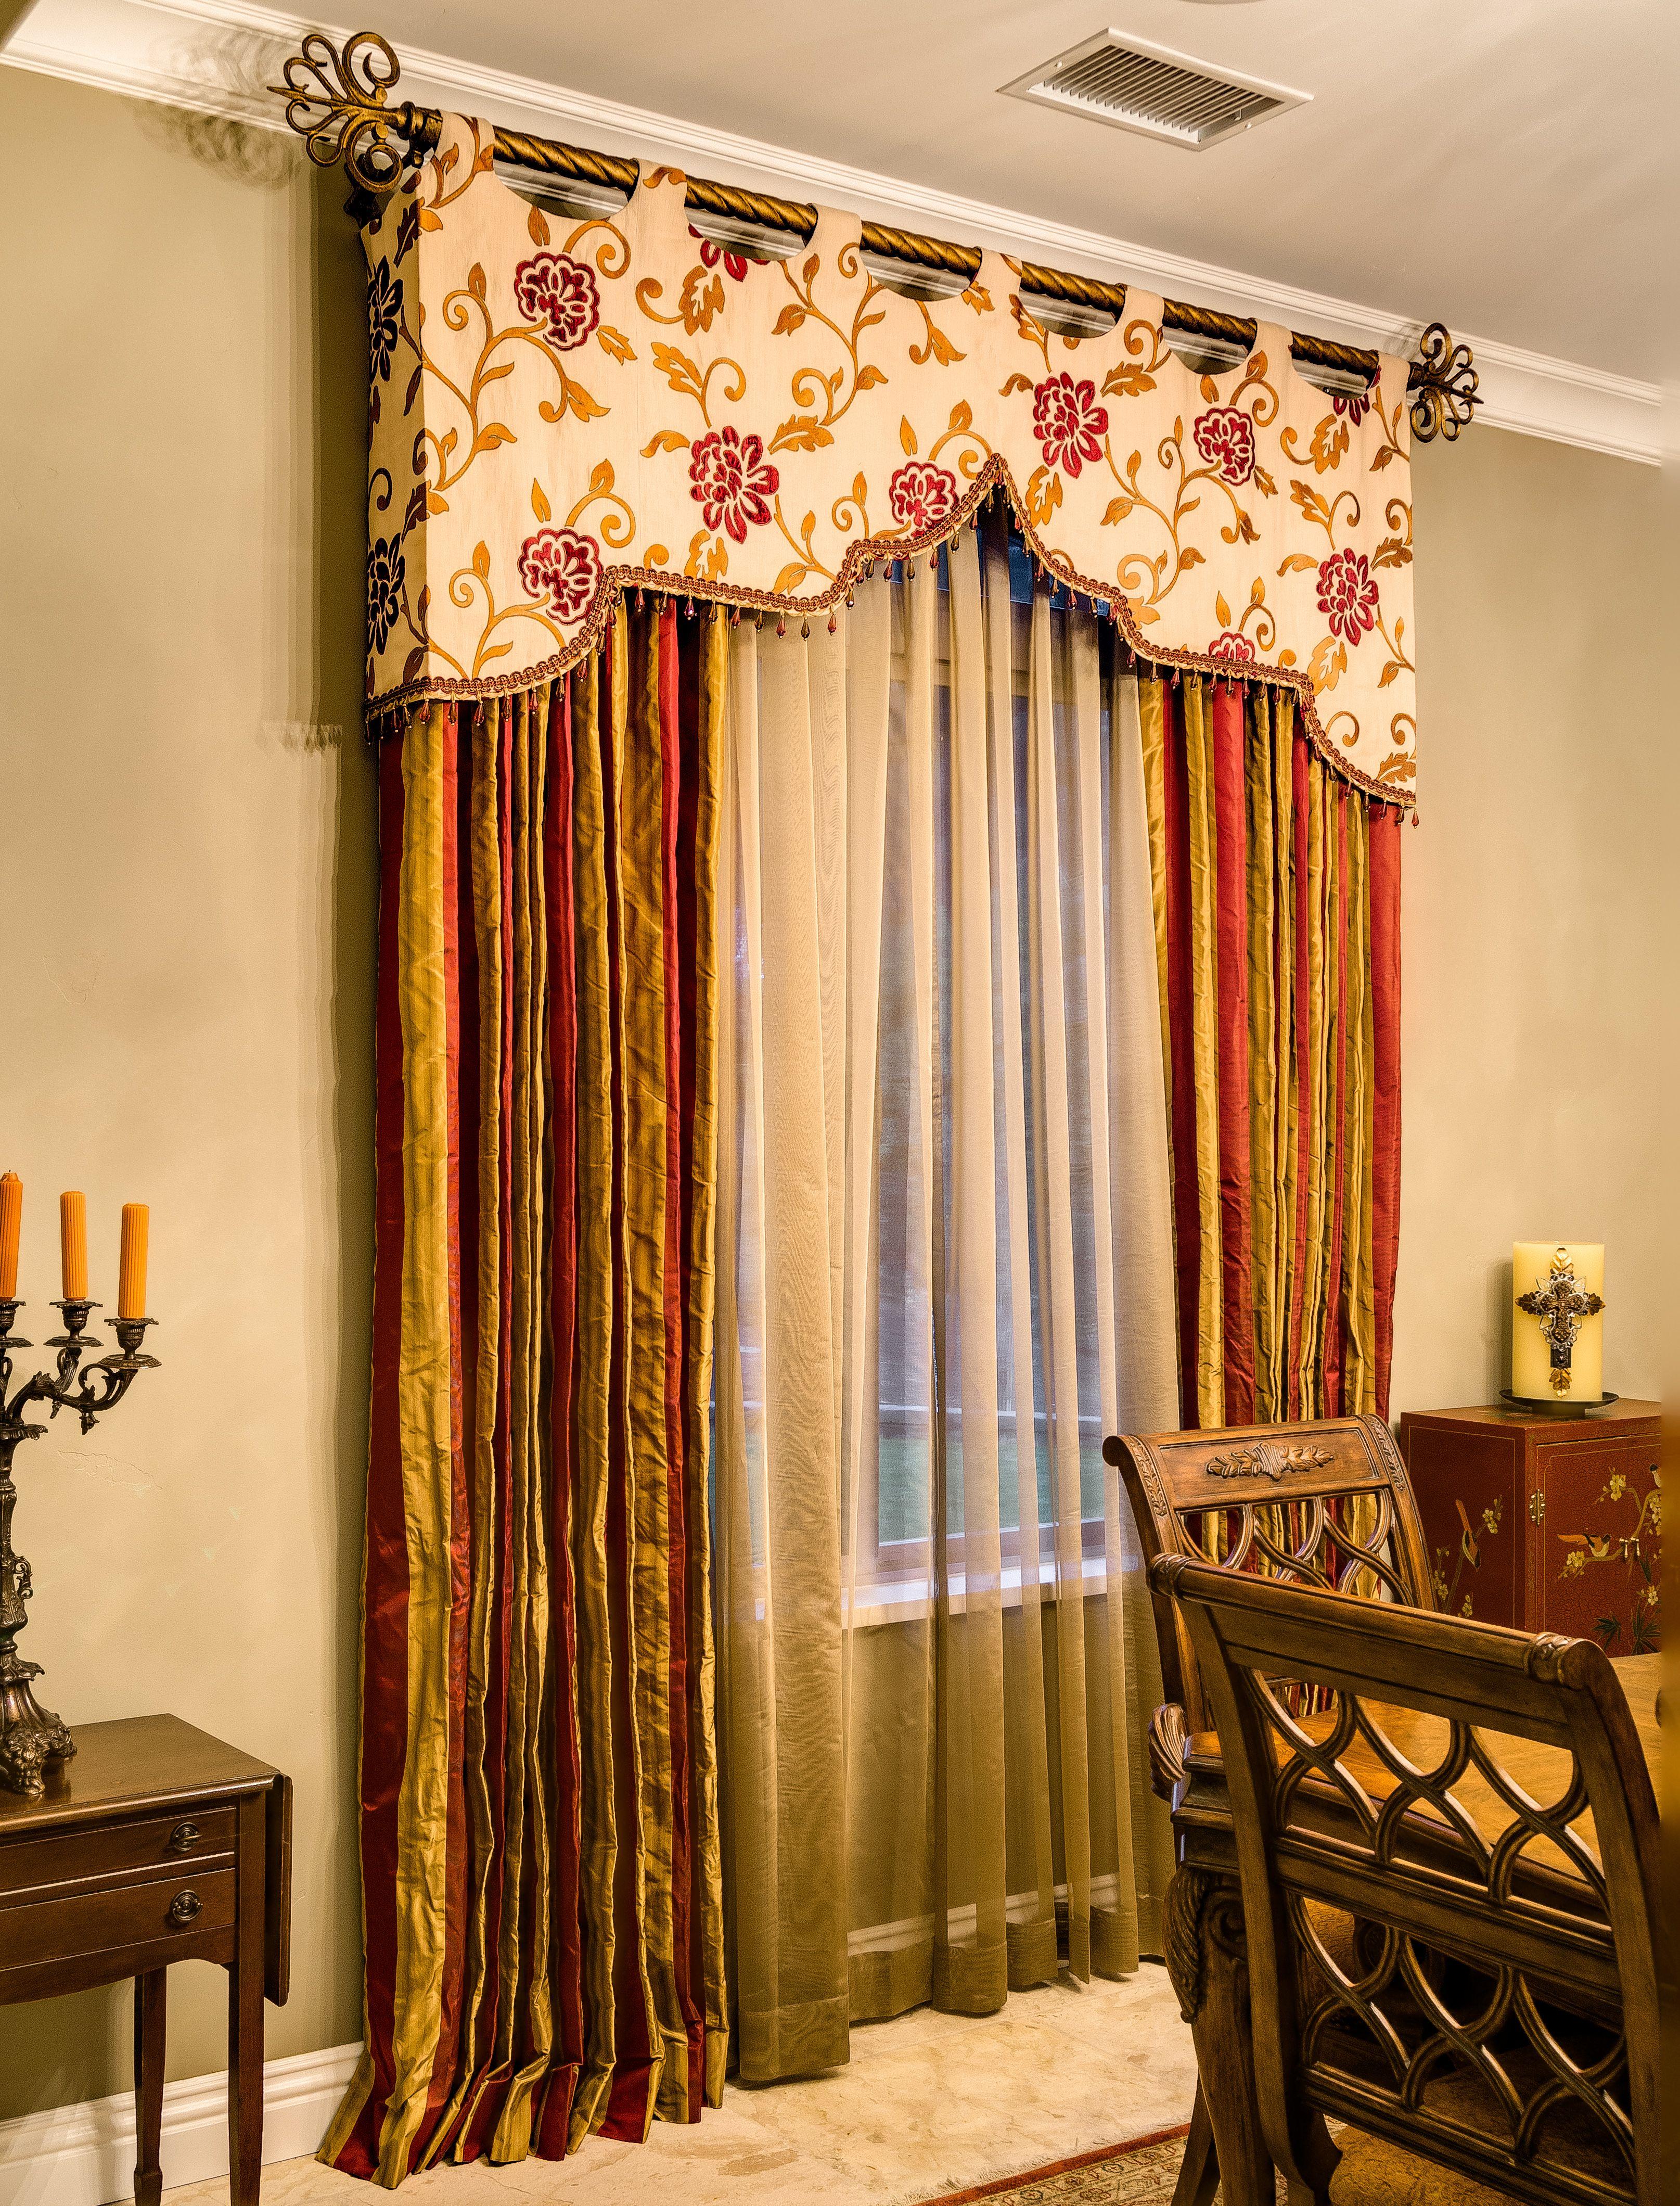 wwwdecoratingdencom  Window Treatments 2014  Curtains